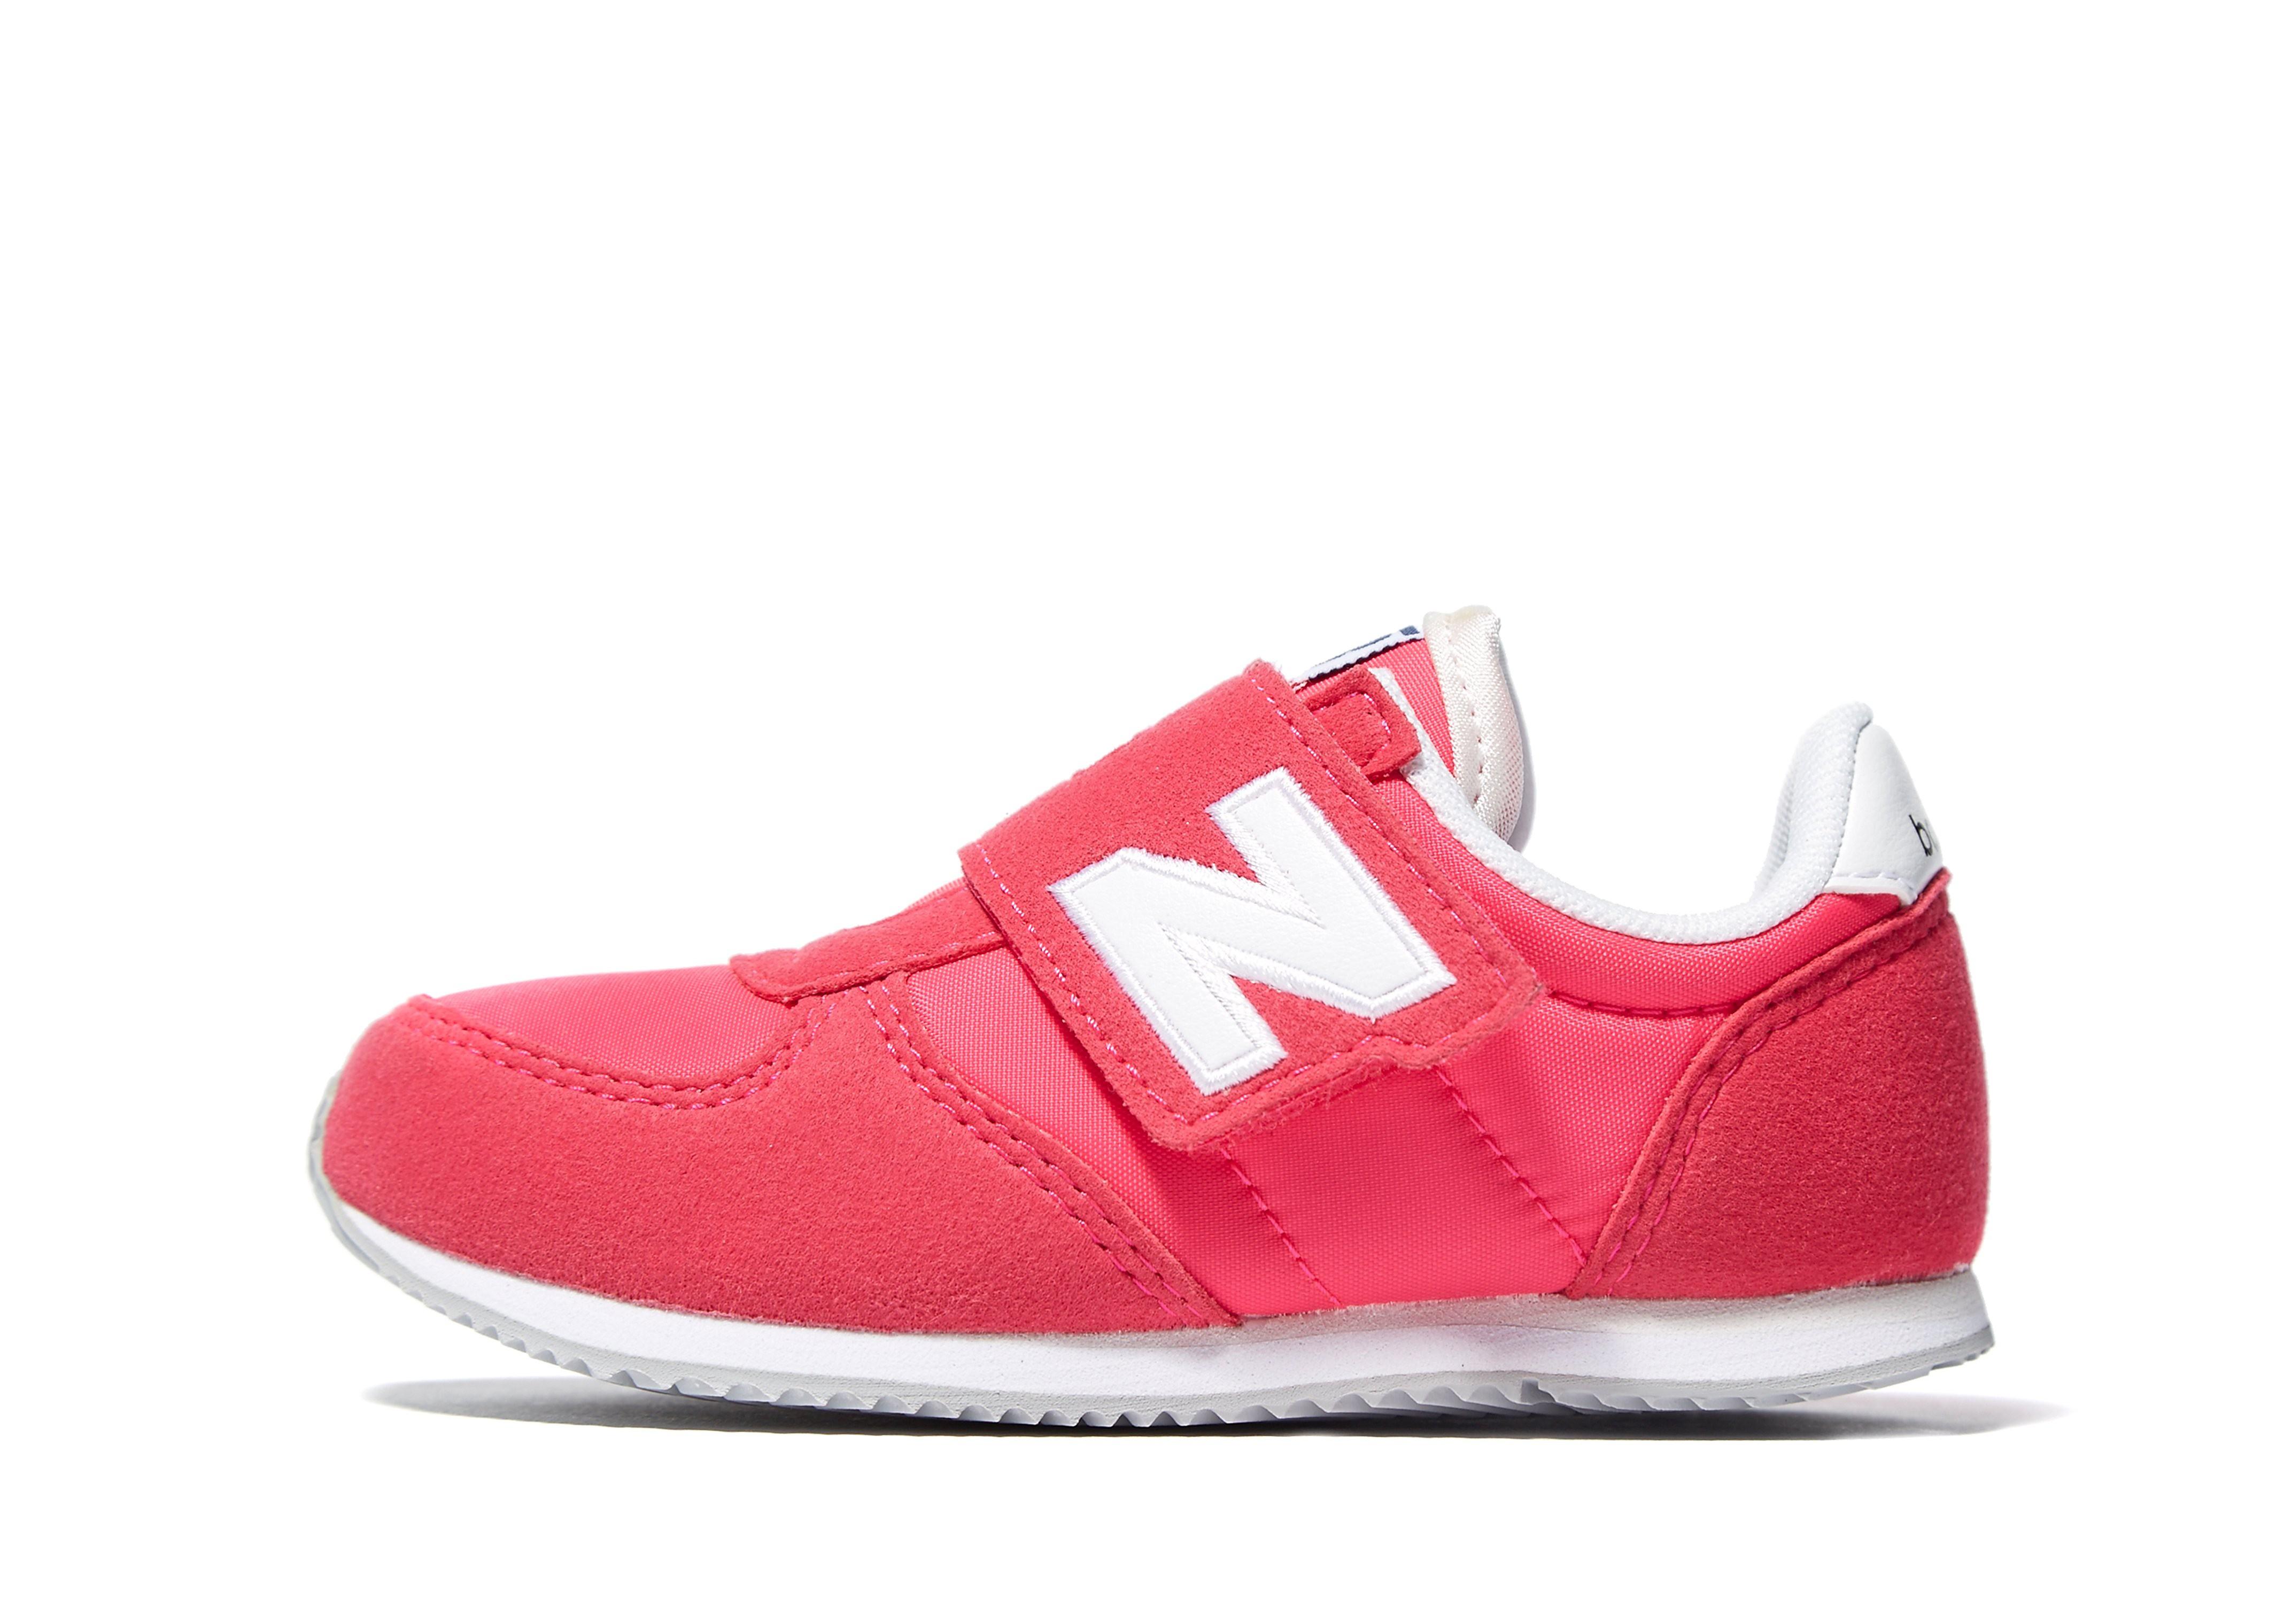 New Balance 220 V Infant